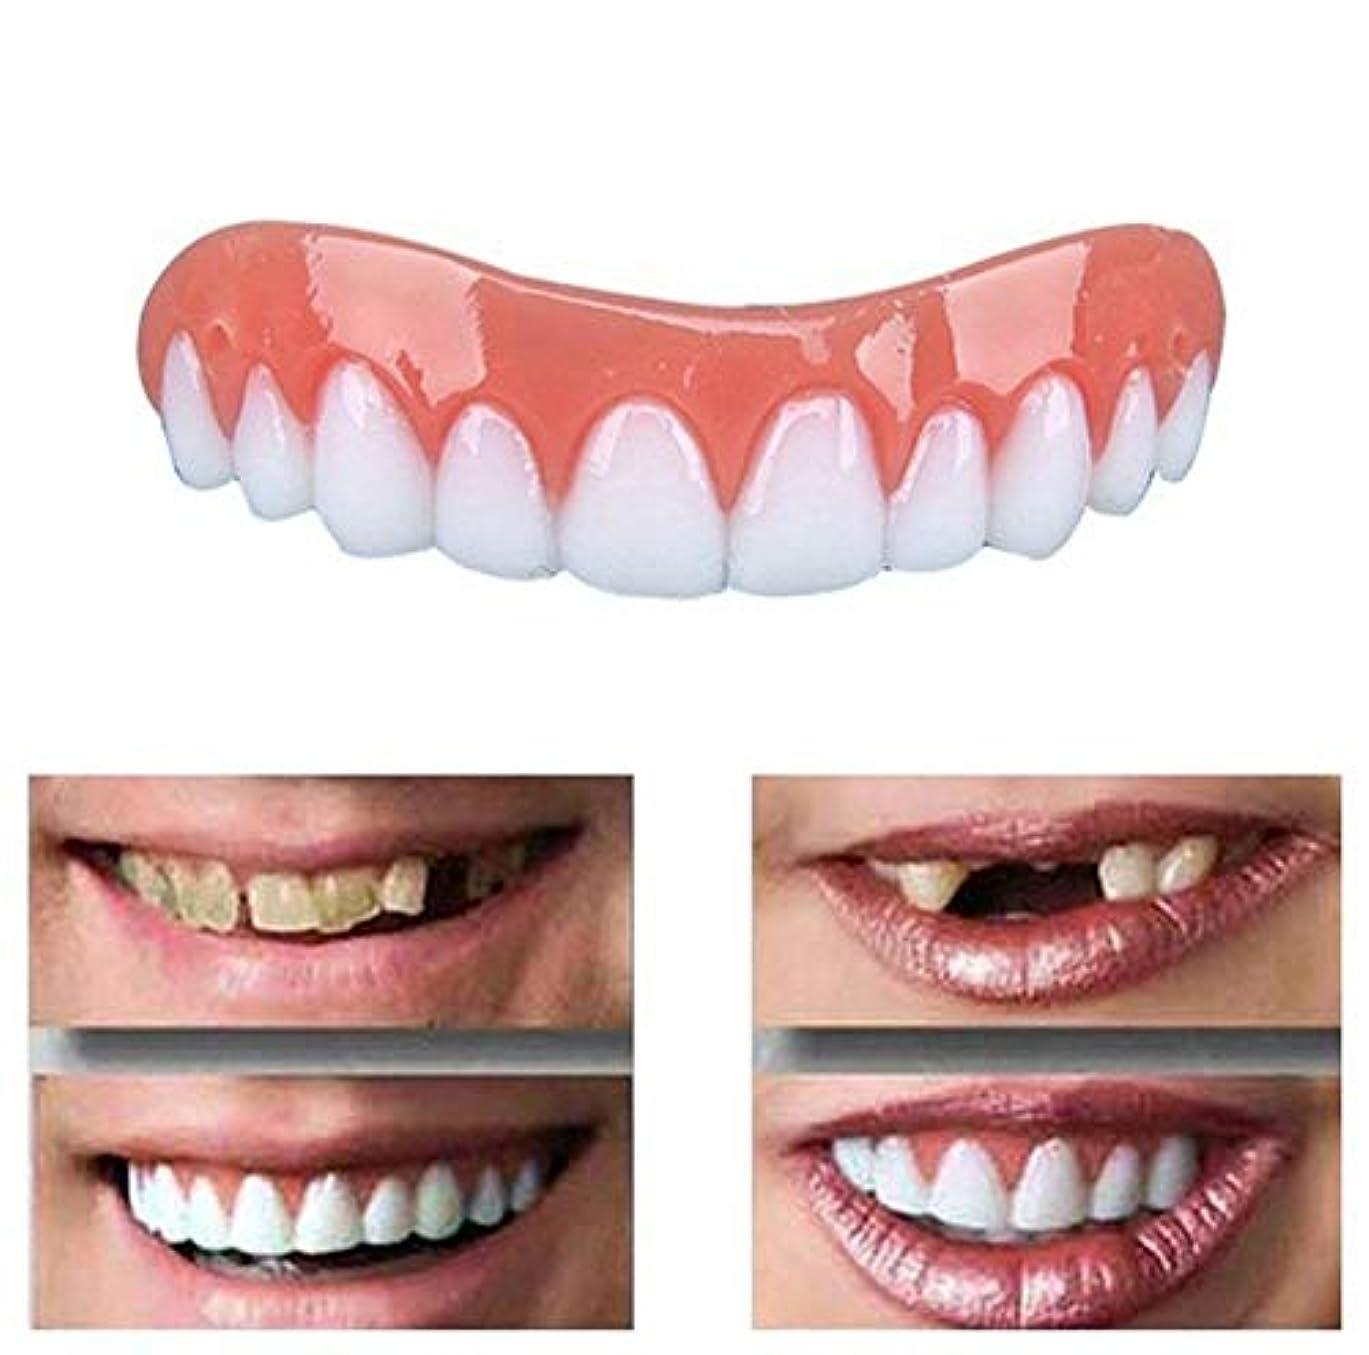 ブランク包囲安いですキットの歯セットの化粧品の上部のベニヤを白くする歯の微笑のベニヤのシリコーンの訂正